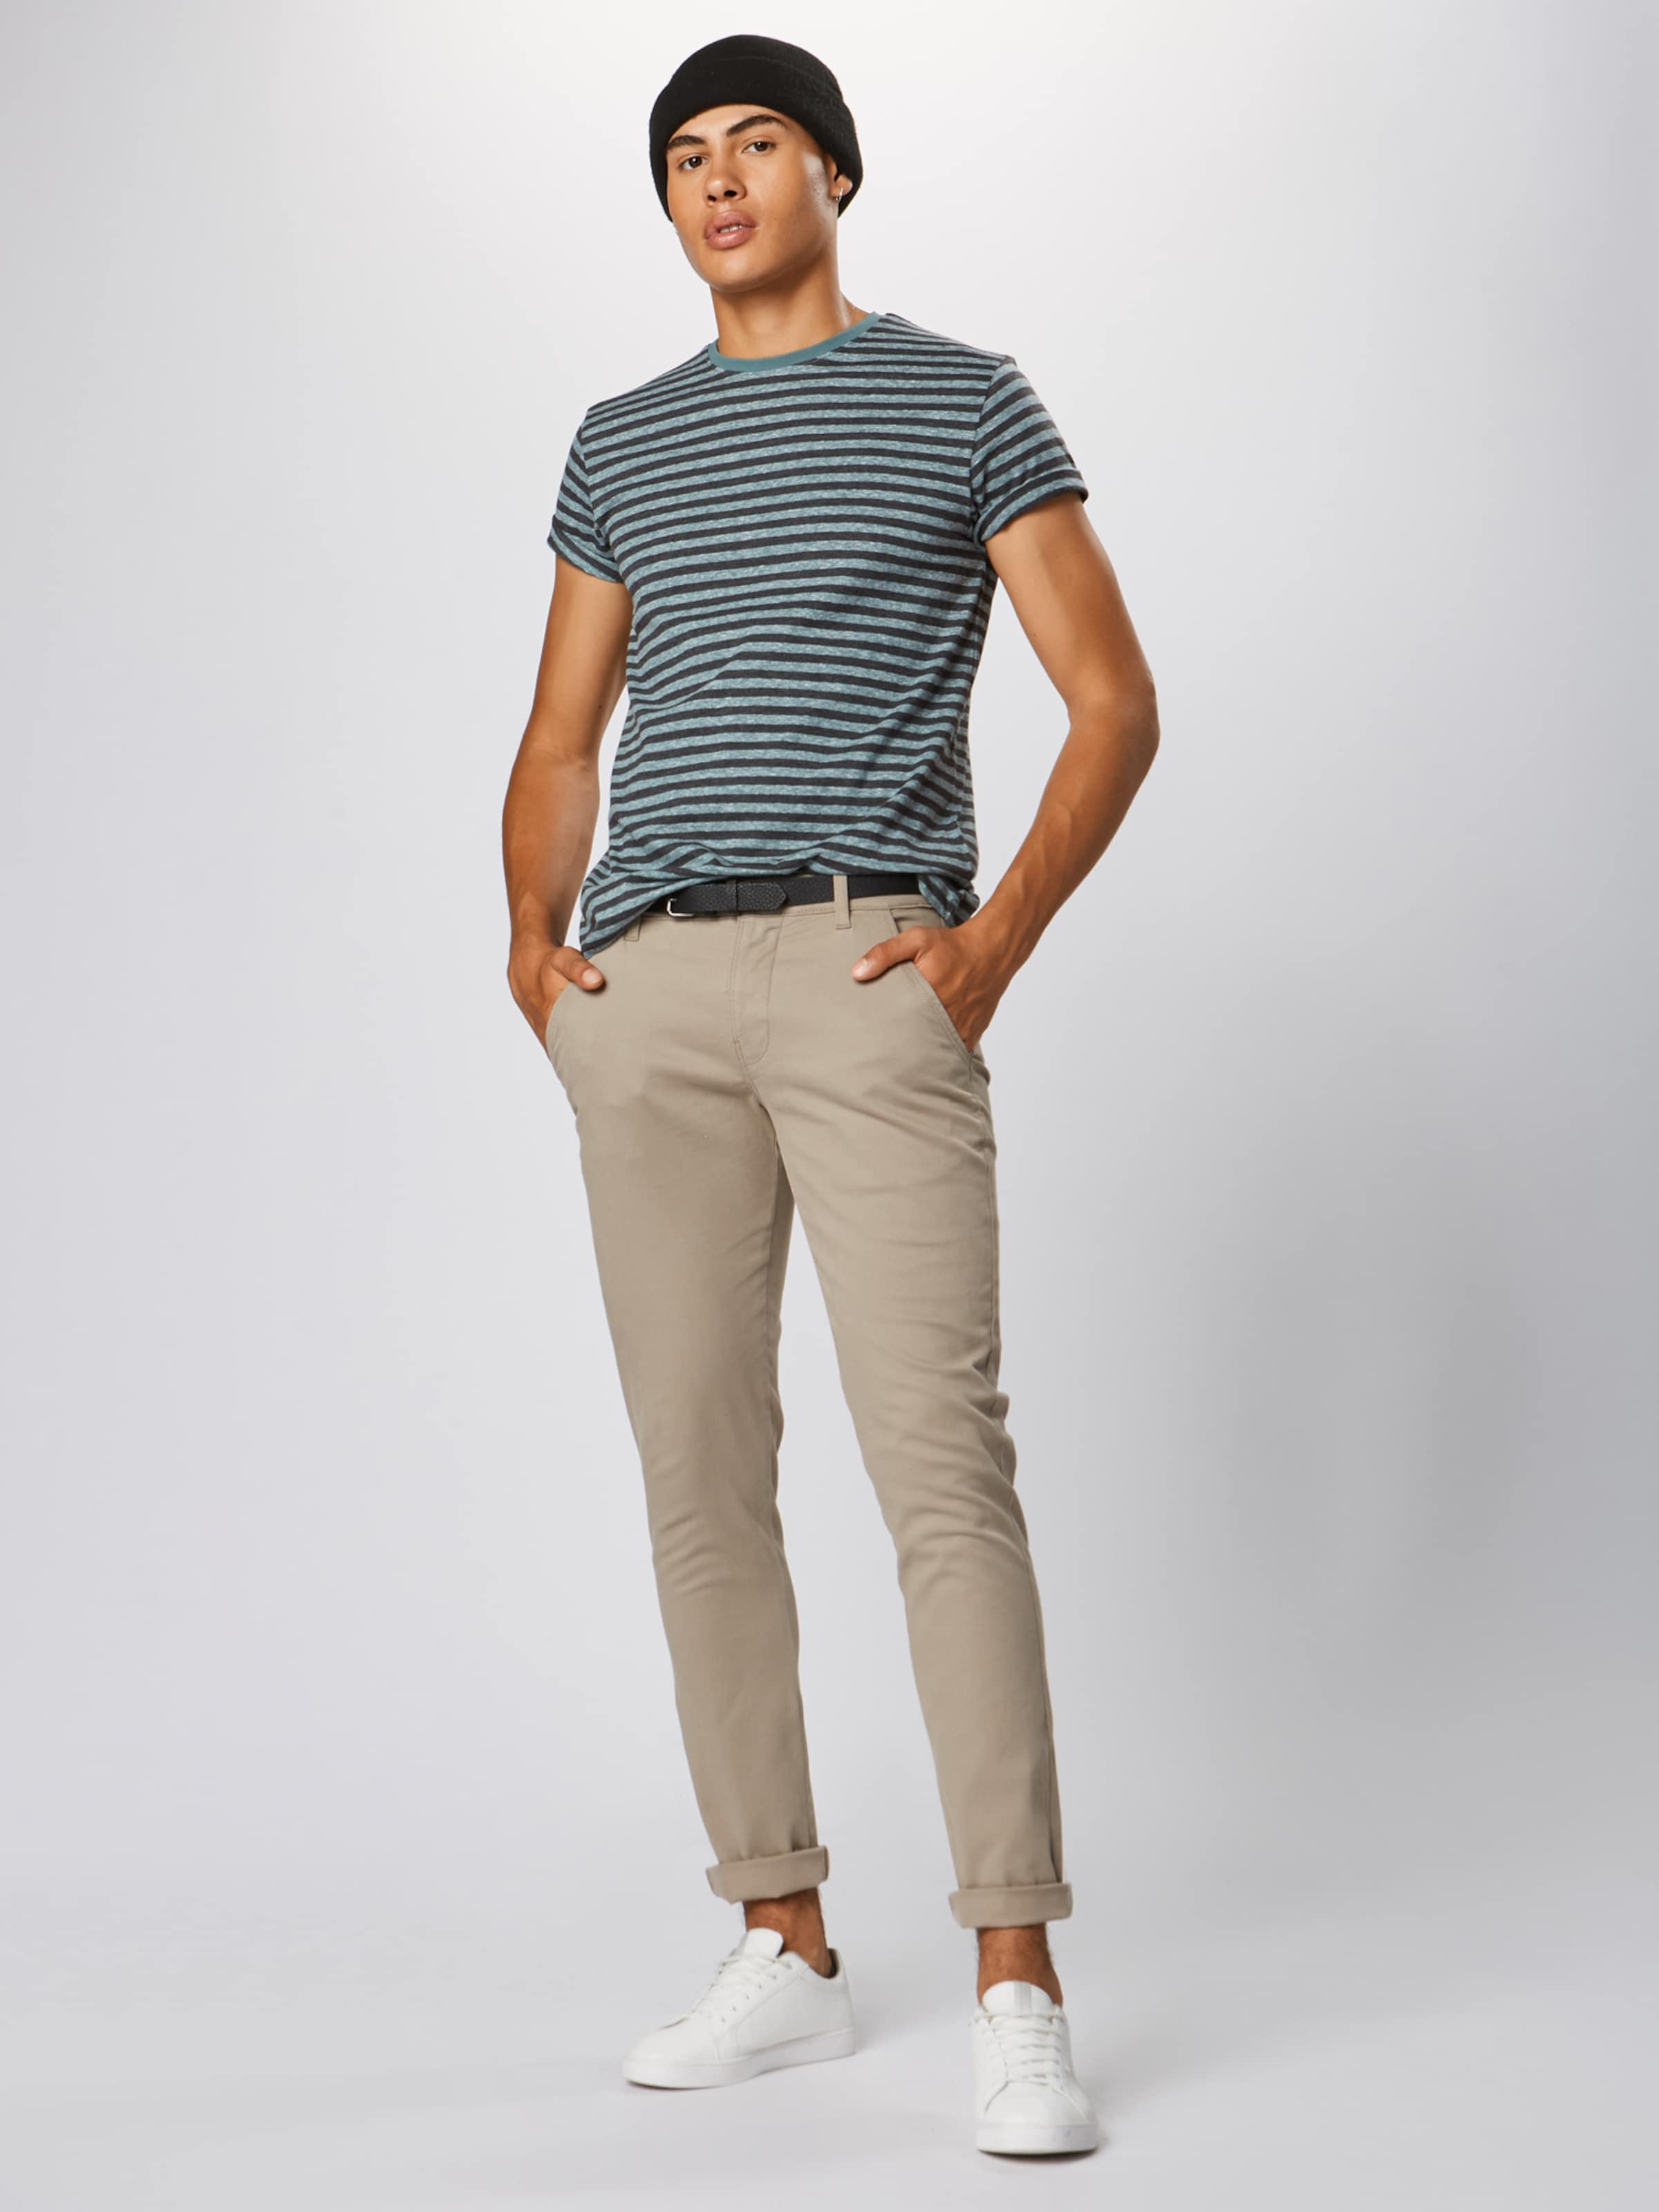 Rauchblau T In Esprit Edc 'sg shirt 089cc2k014' By CsdhtQxr